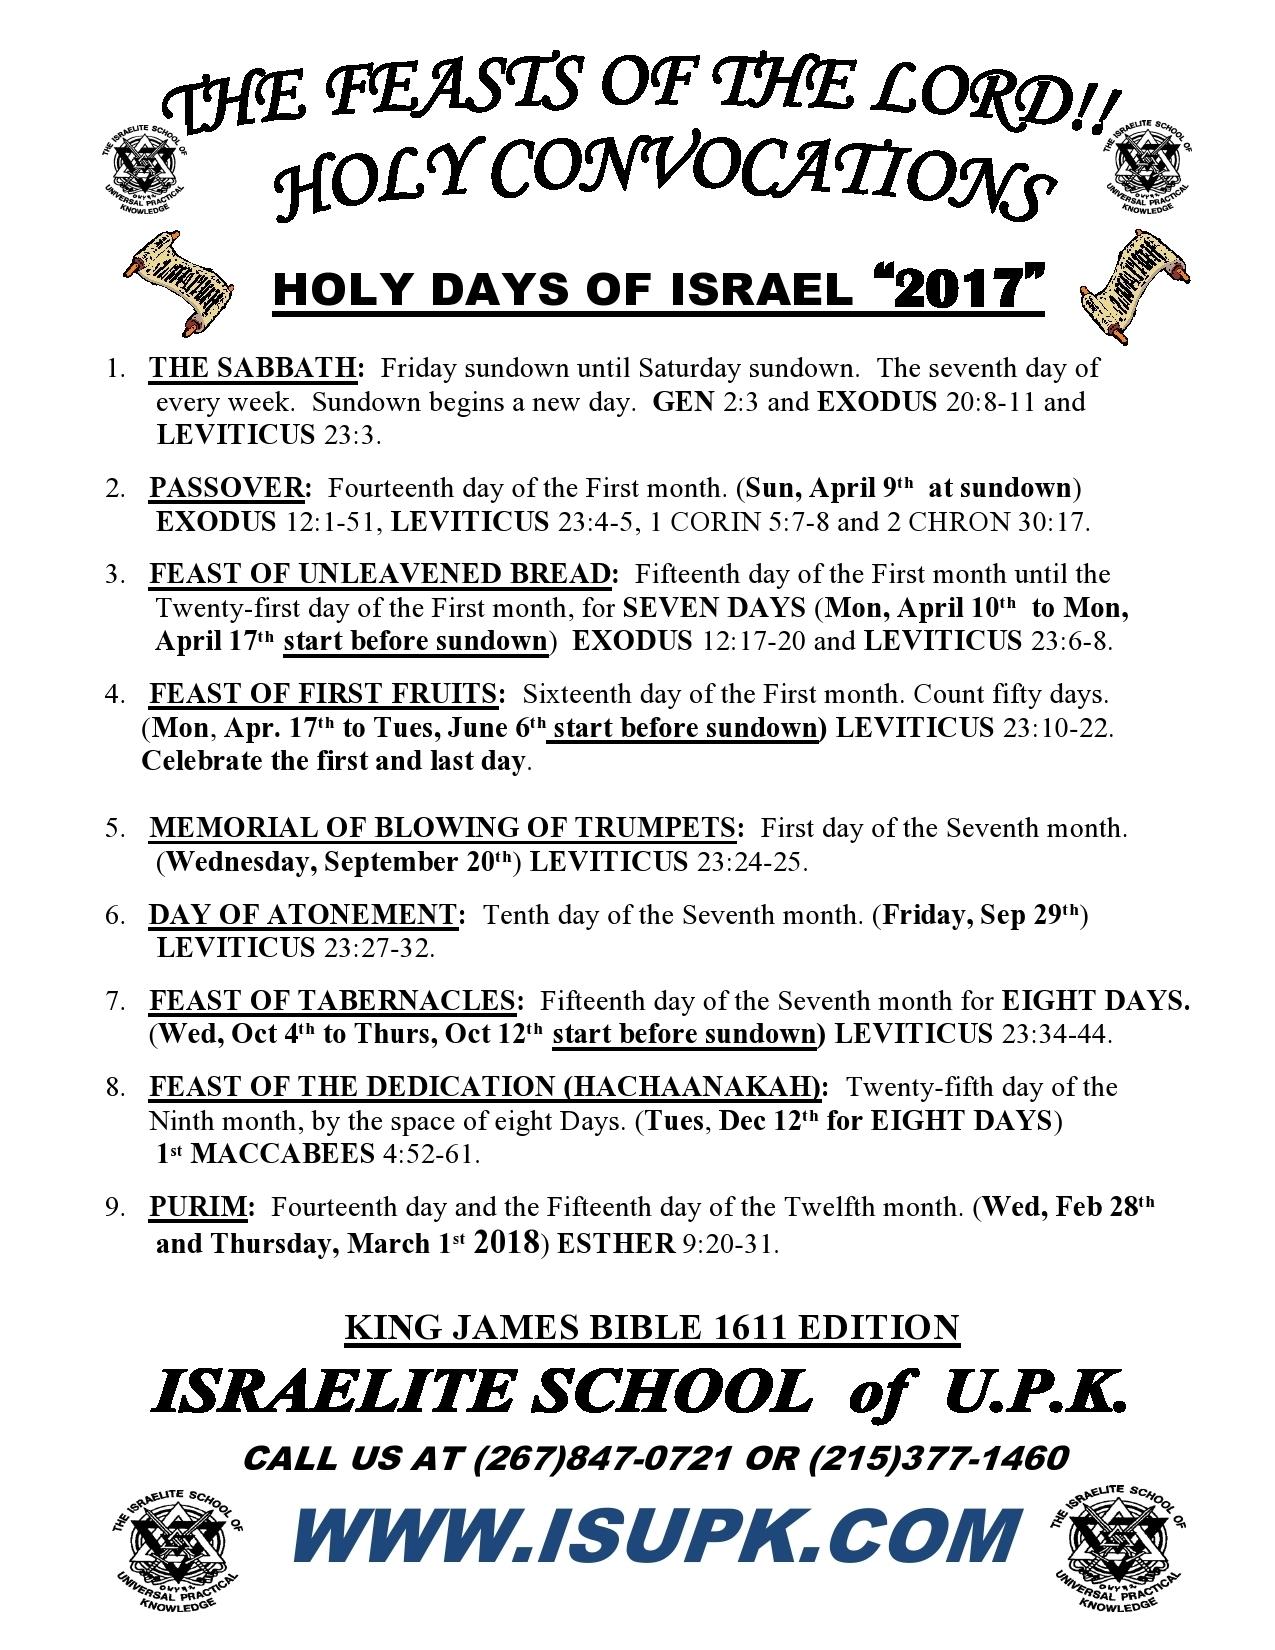 Feast Of The Dedication (Hachaanakah) - Isupk